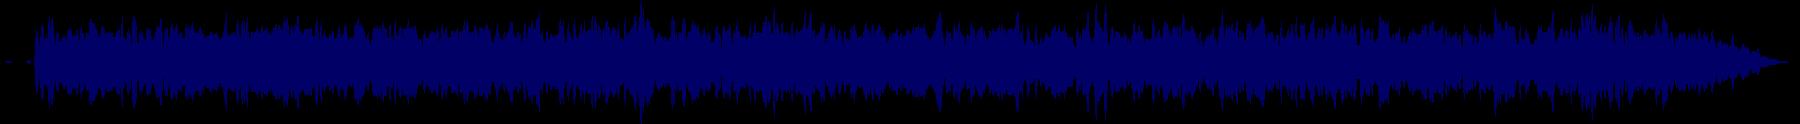 waveform of track #66274